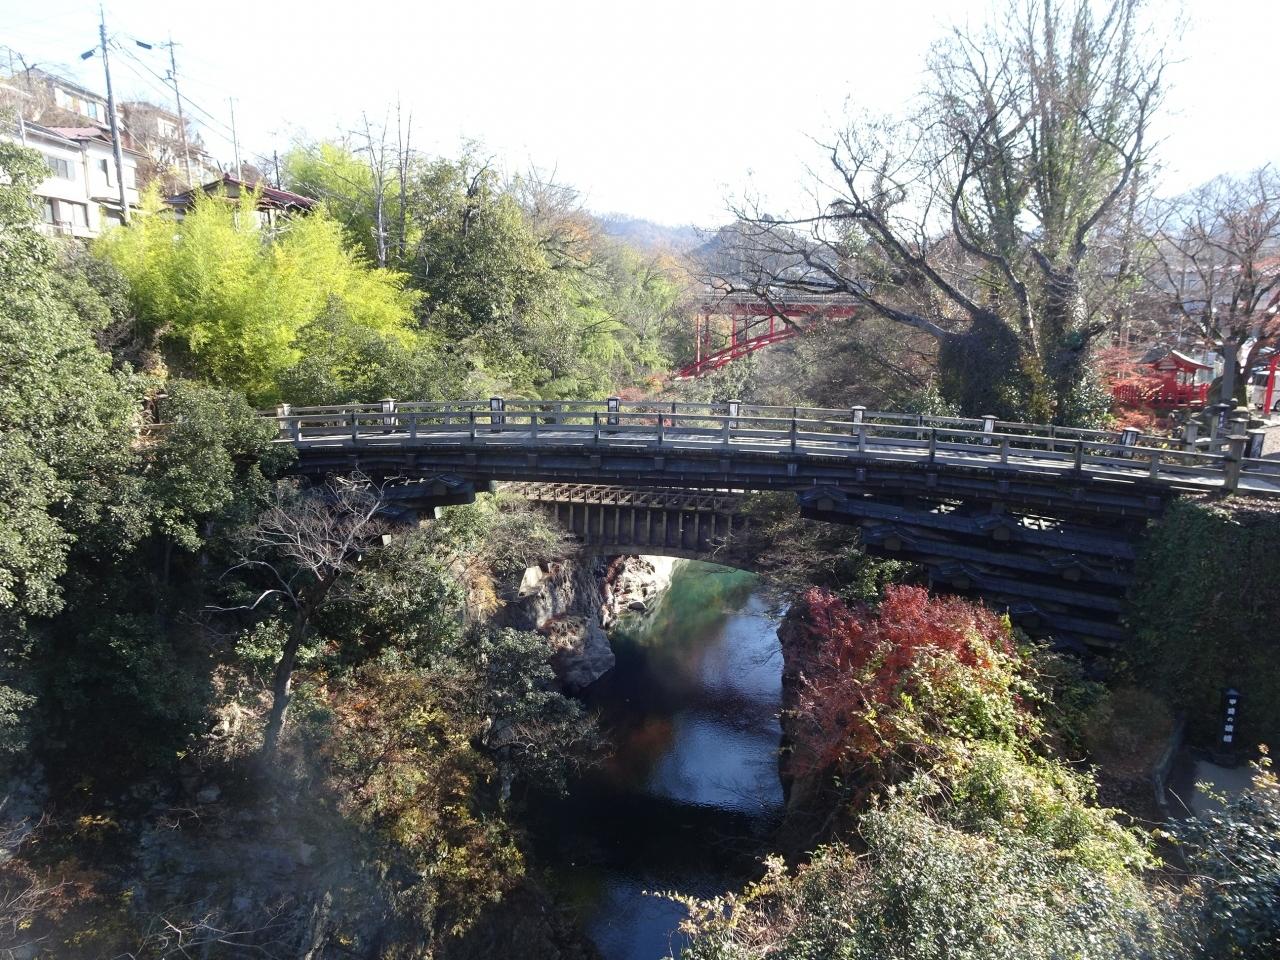 観光名所の「猿橋」に寄り道してみました。橋脚のない珍しい構造で、日本三奇橋の一つだそうです。